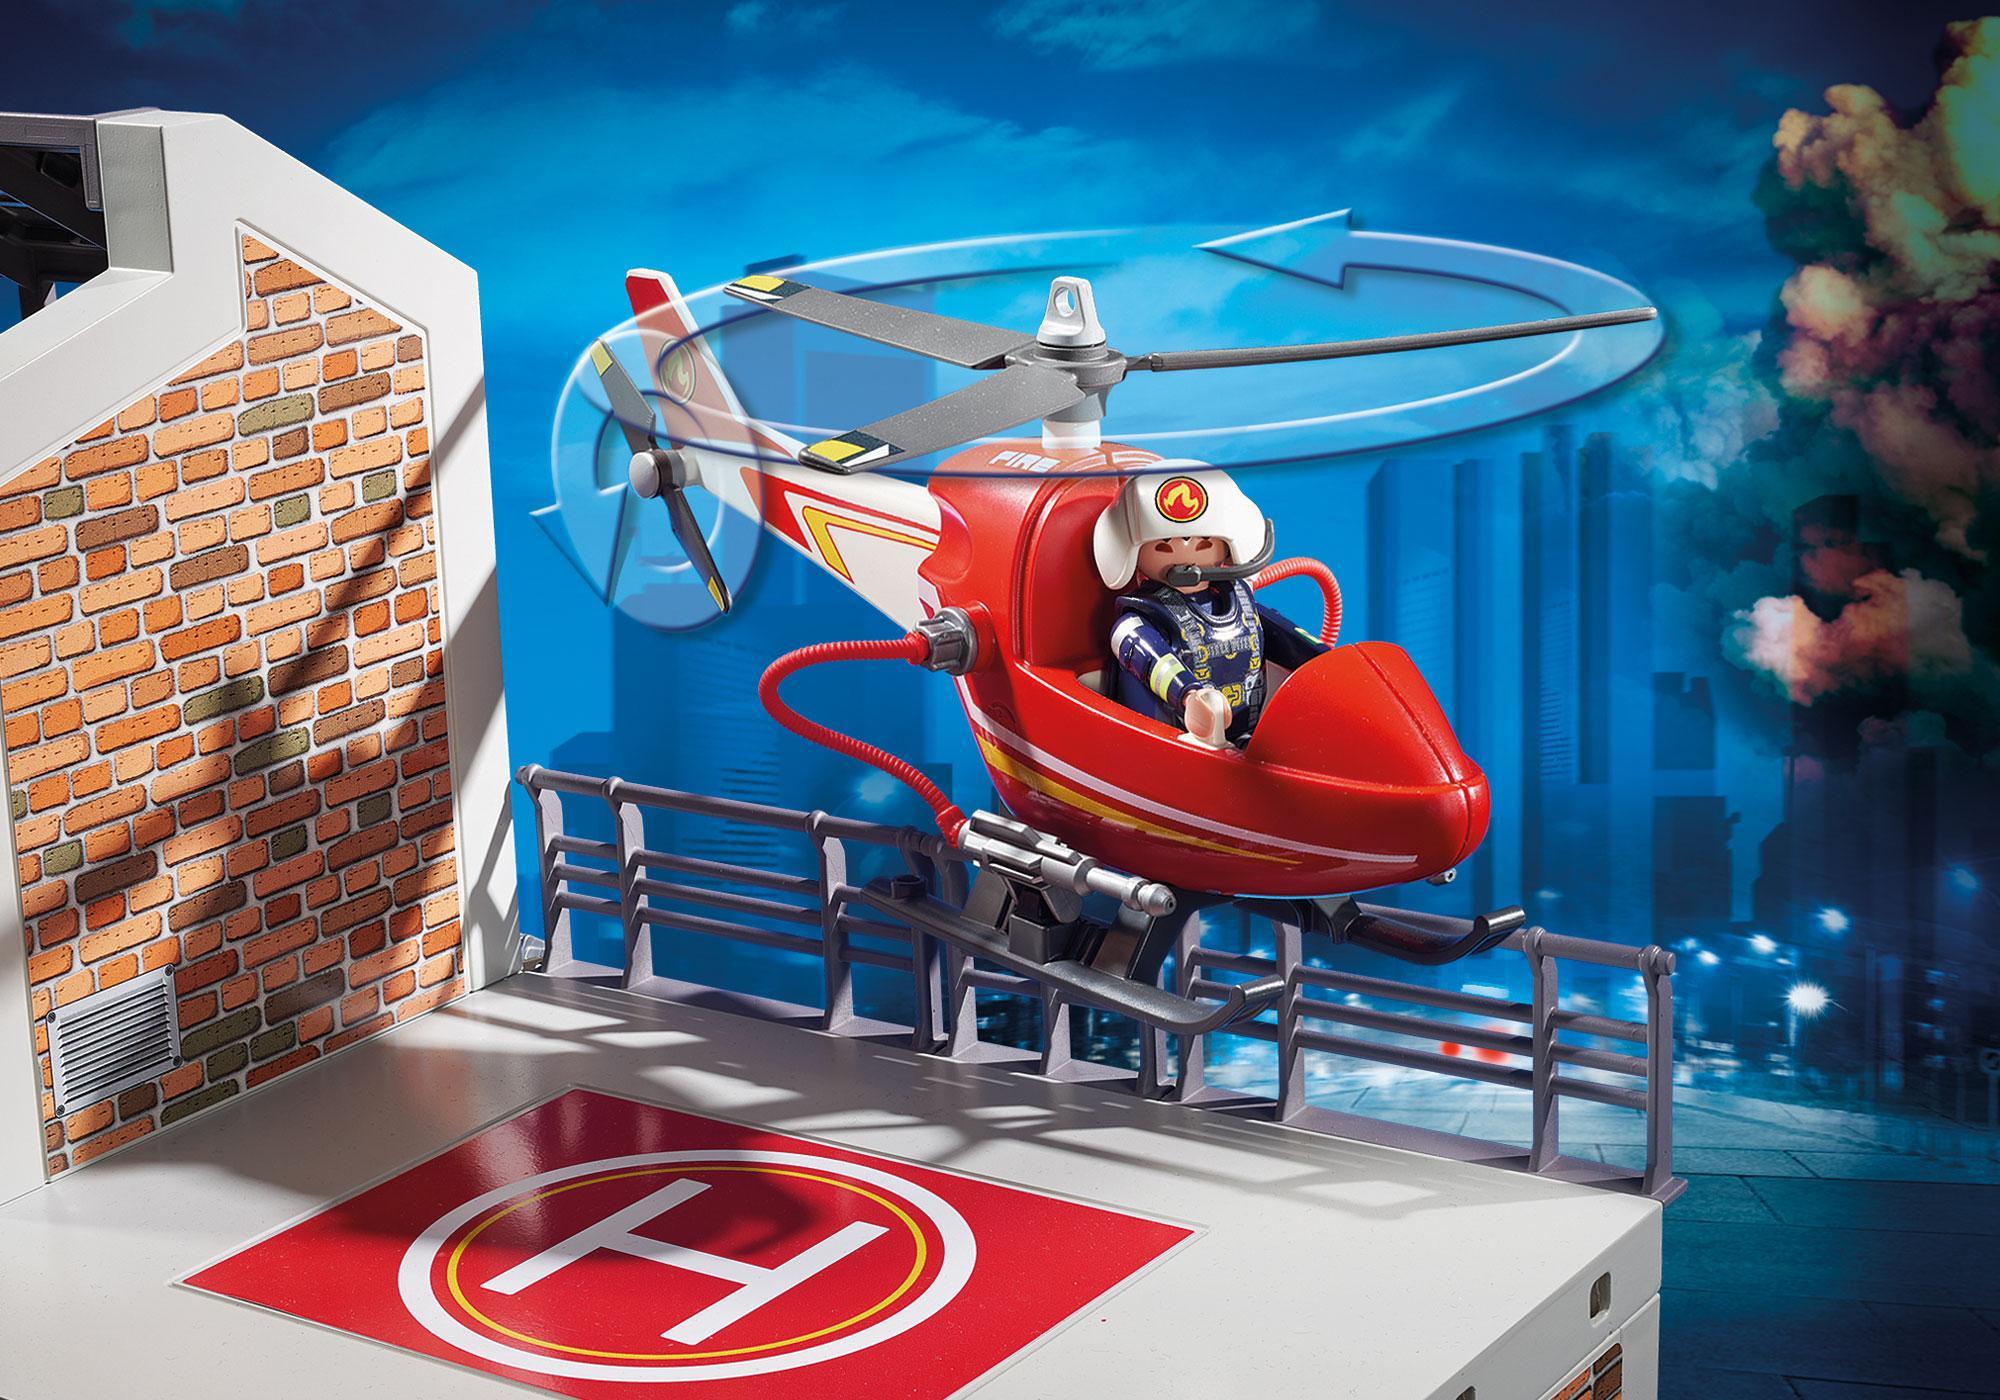 http://media.playmobil.com/i/playmobil/9462_product_extra1/Caserne de pompiers avec hélicoptère